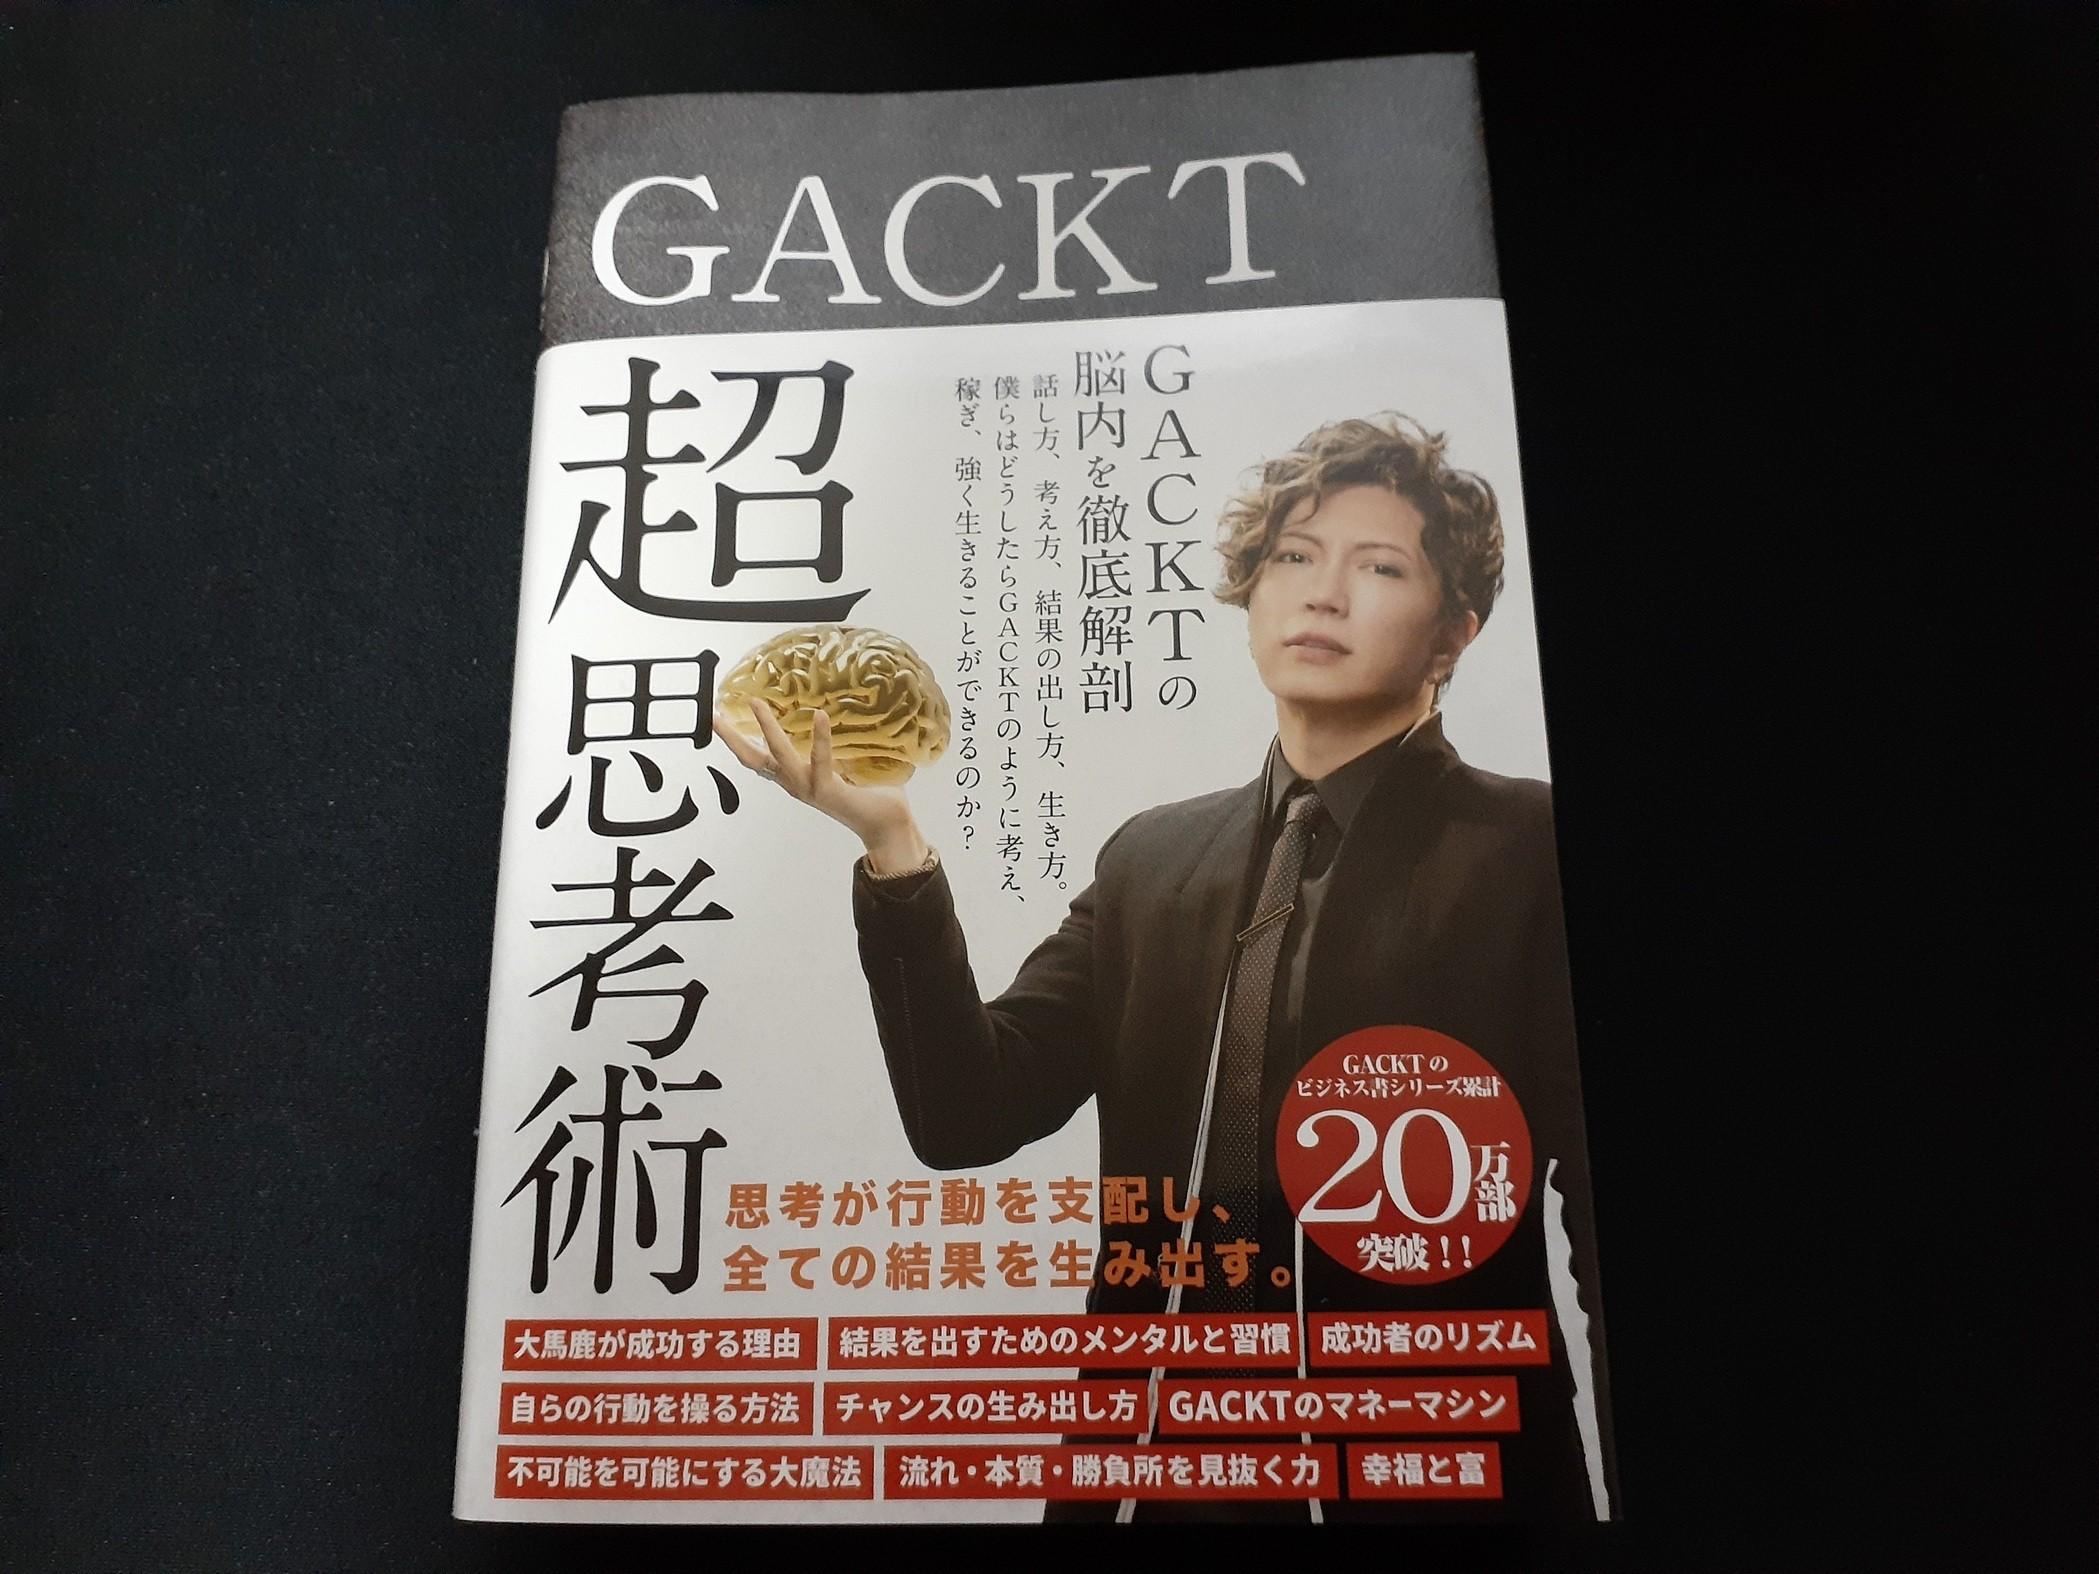 GACKTの本は面白いか?レビュー